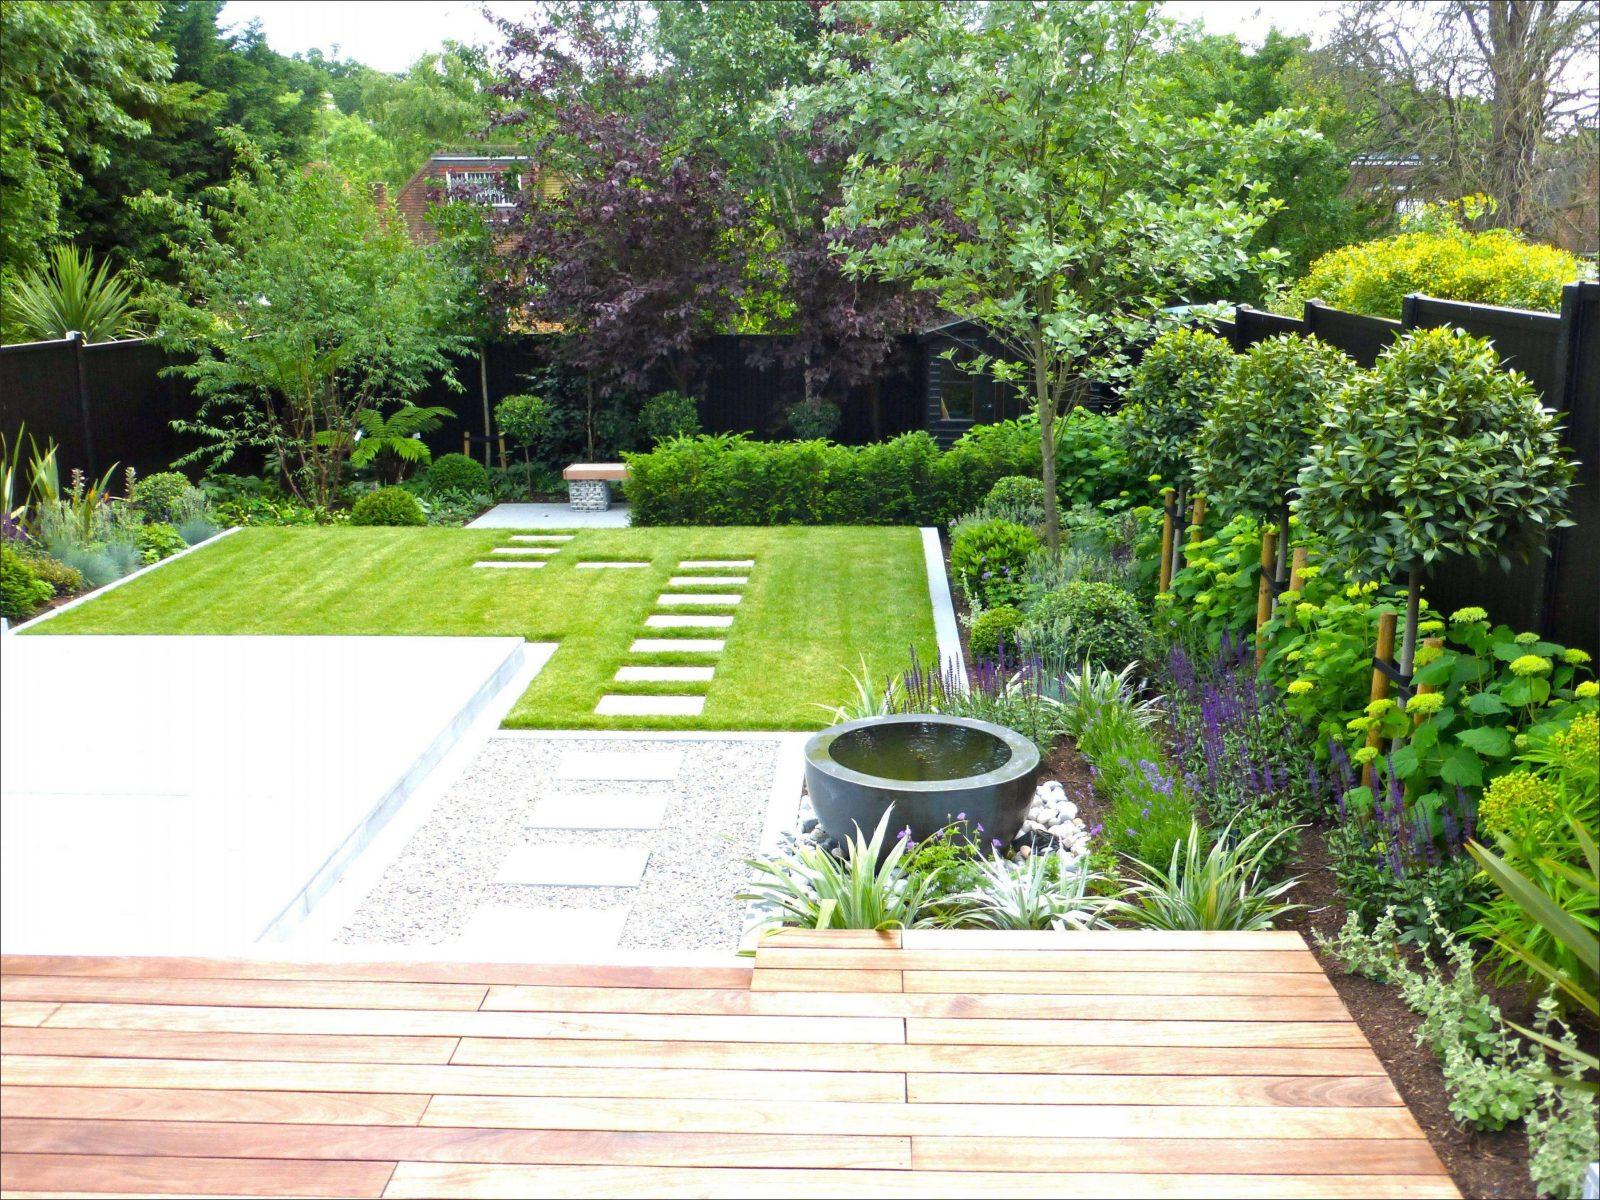 Gartengestaltung Kleine Gärten Beispiele Genial 40 Luxus Ideen Für von Gartengestaltung Kleiner Garten Reihenhaus Photo